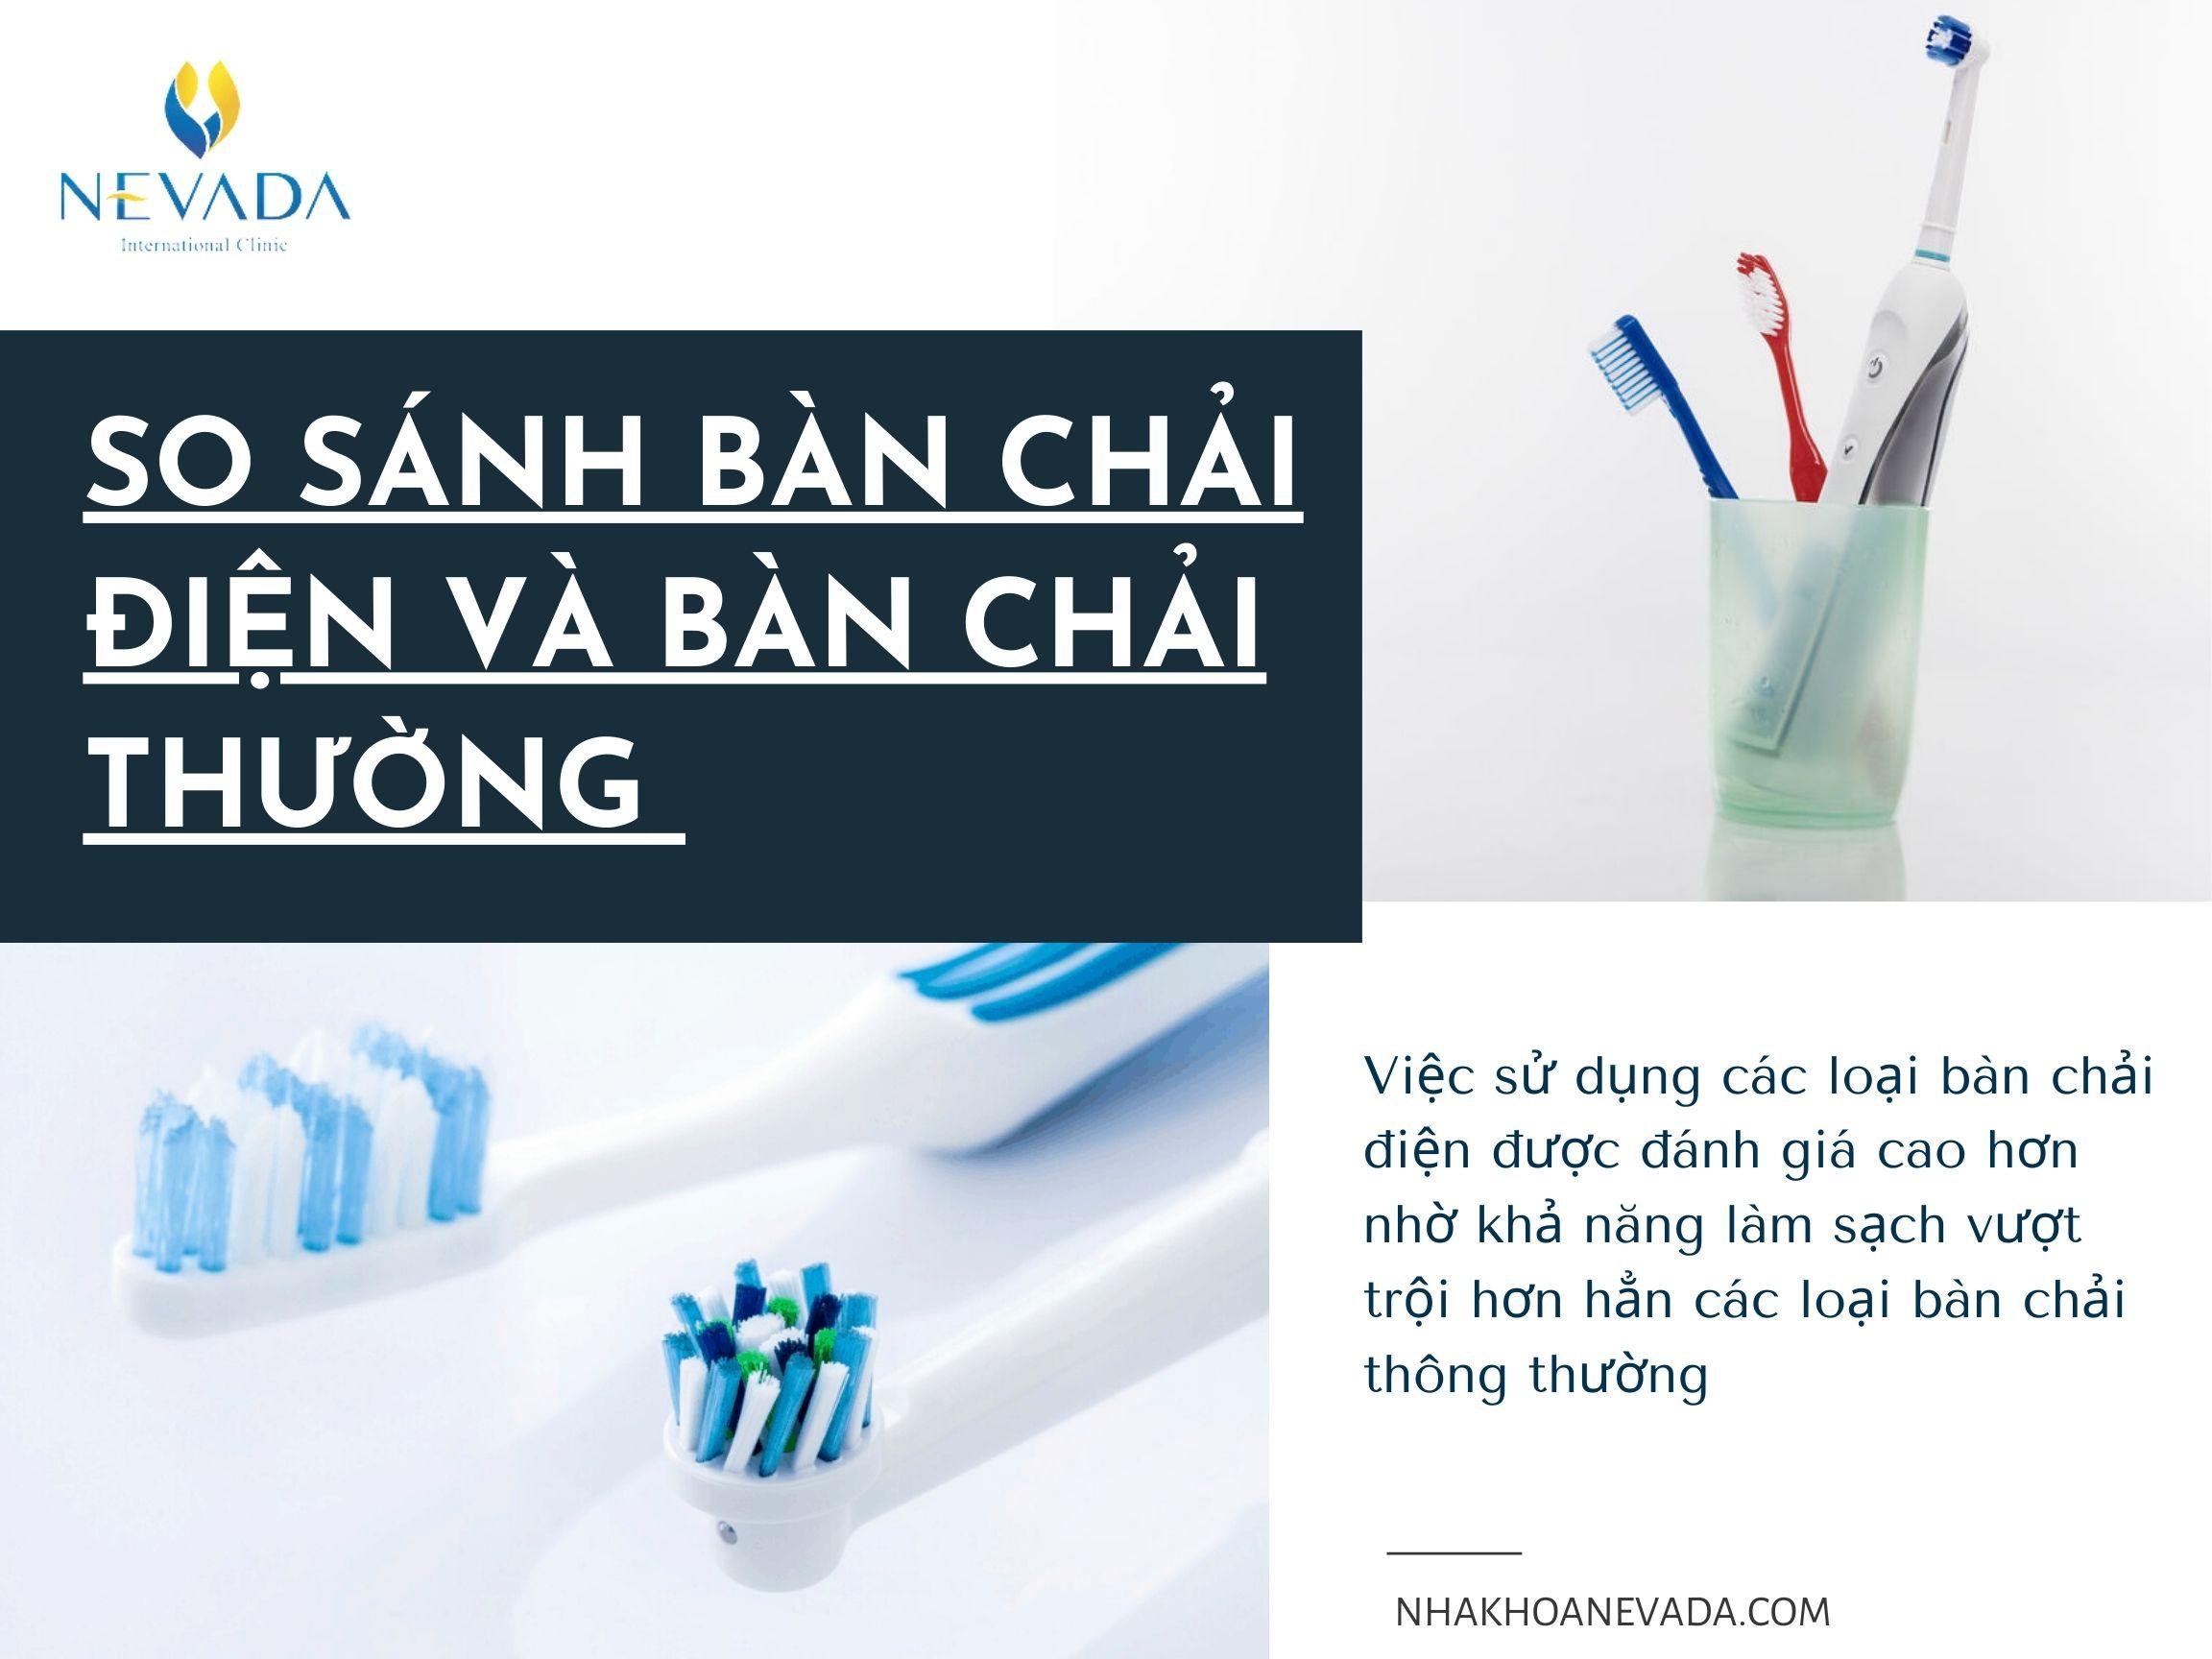 đánh răng bằng bàn chải điện có tốt không, đánh răng bằng bàn chải điện, cách đánh răng bằng bàn chải điện, có nên đánh răng bằng bàn chải điện, hướng dẫn cách đánh răng bằng bàn chải điện, bàn chải đánh răng bằng điện cho bé